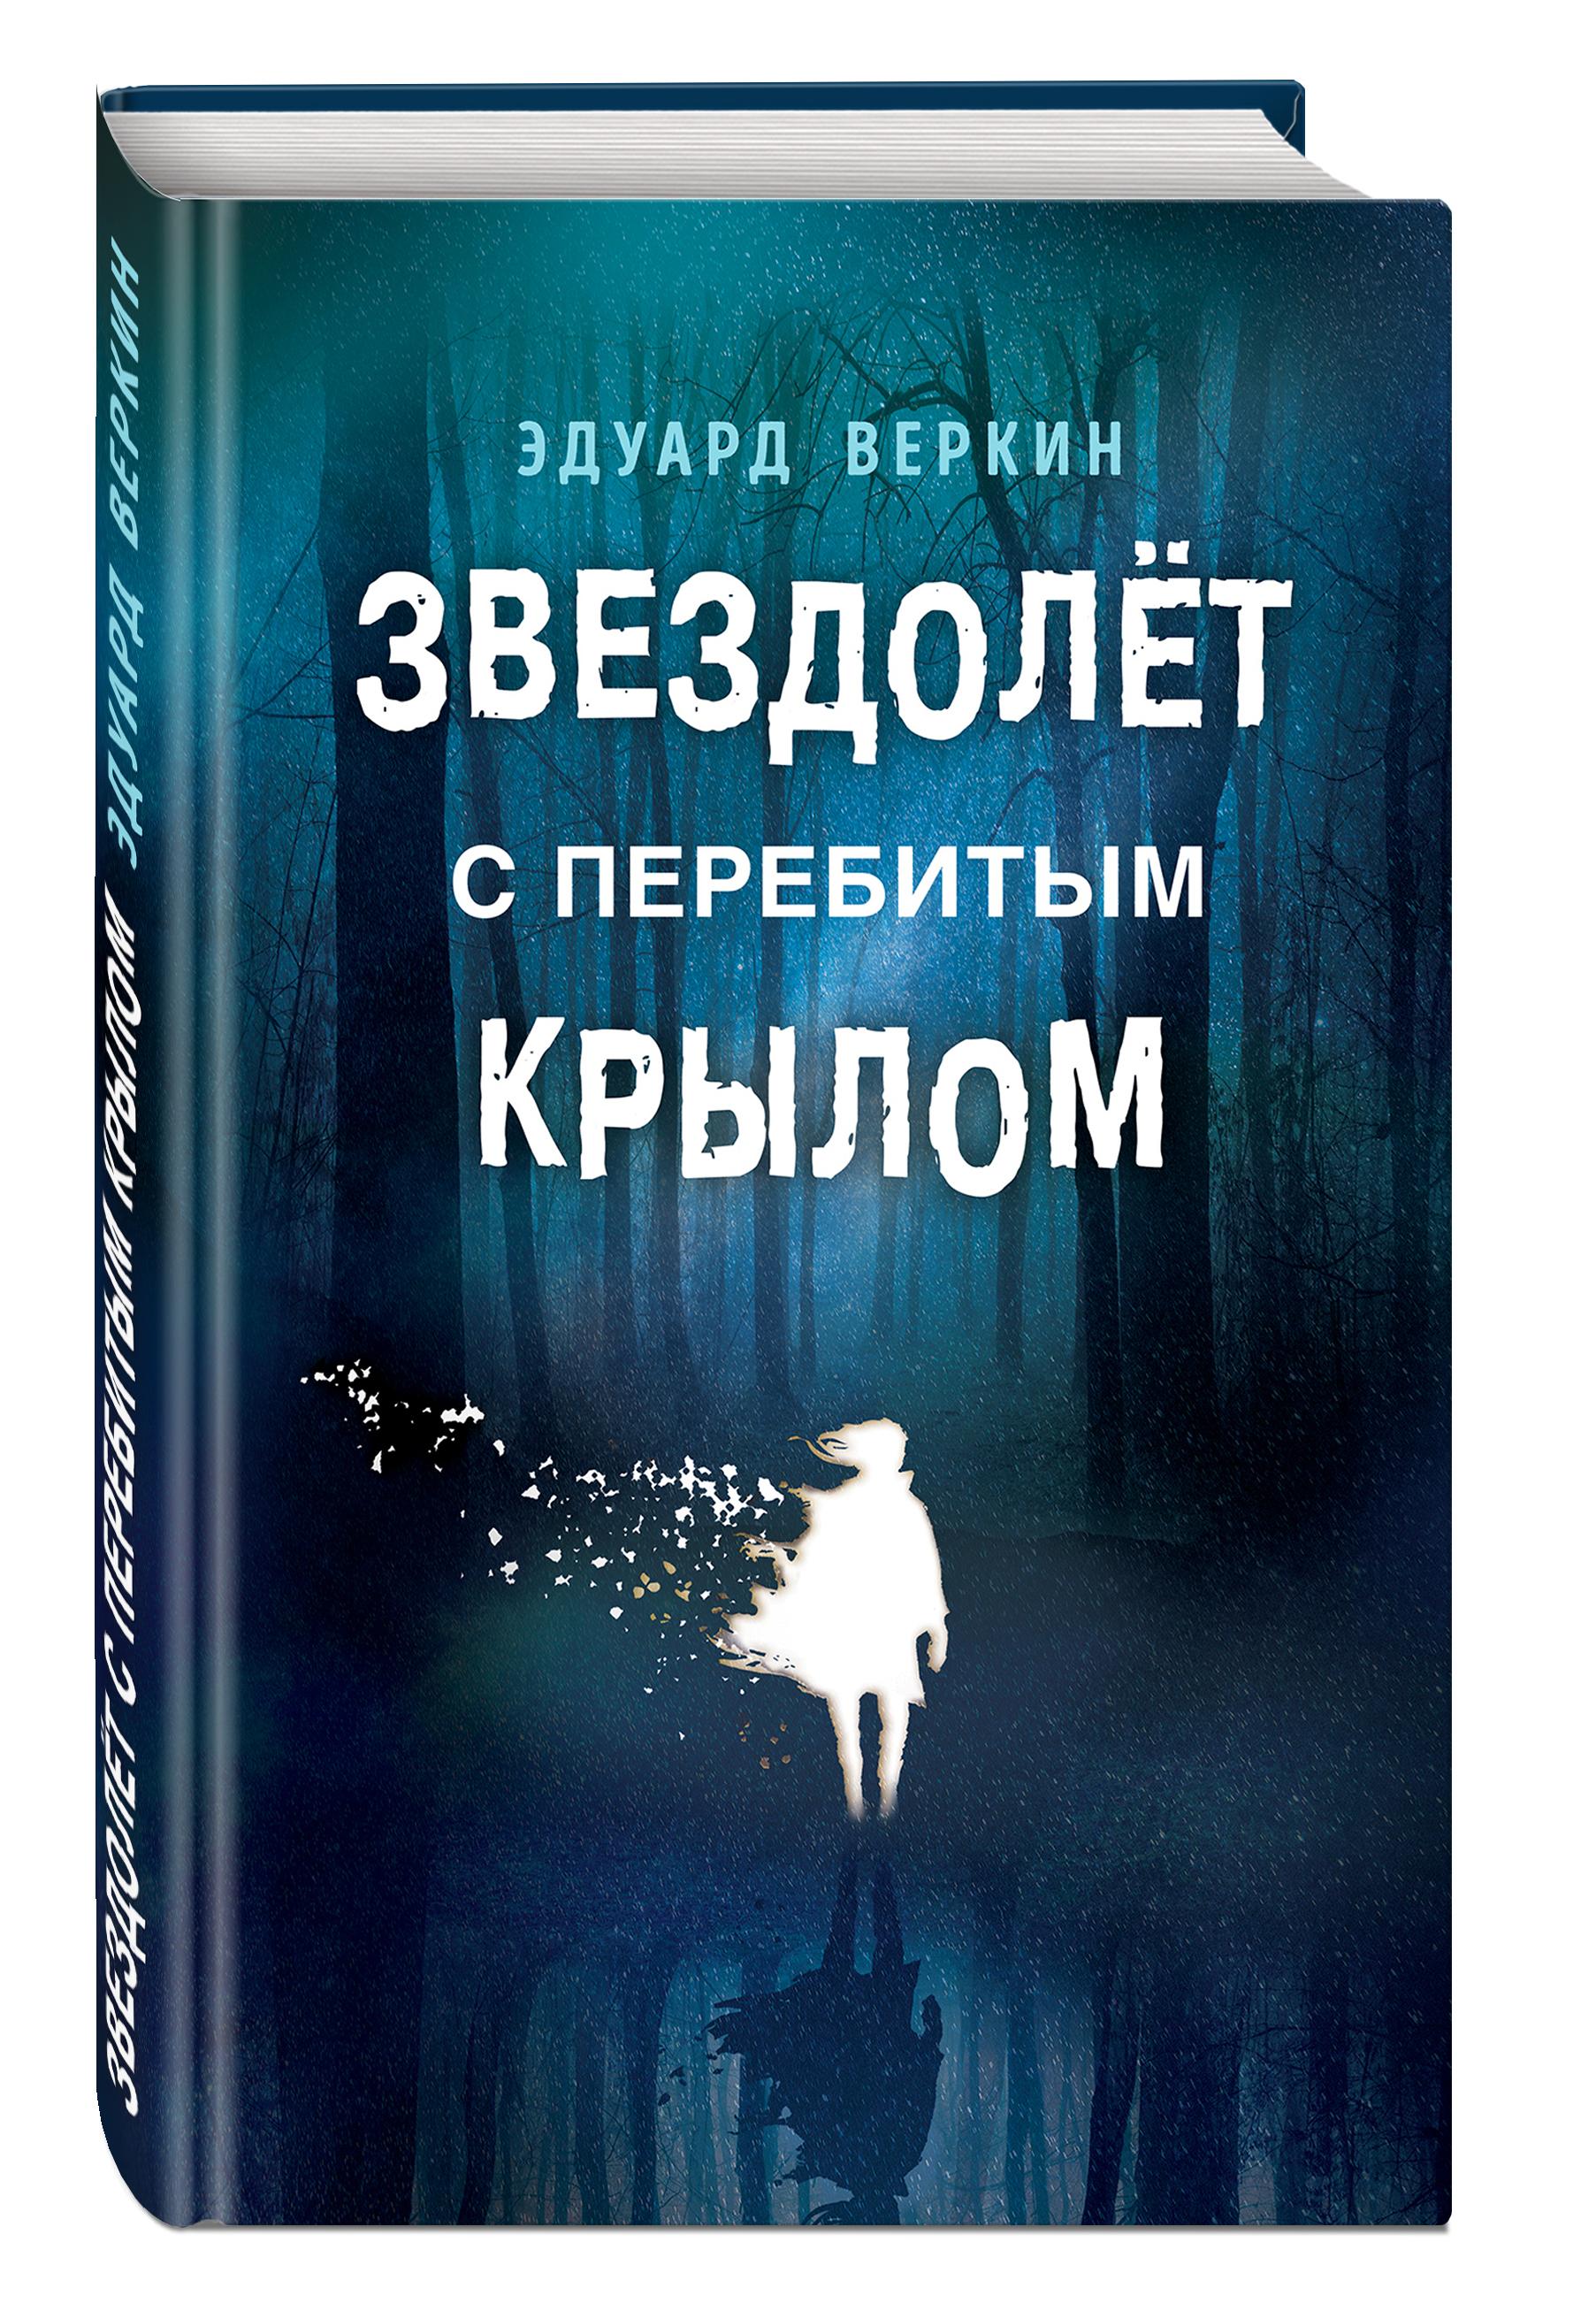 Звездолёт с перебитым крылом ( Веркин Эдуард Николаевич  )